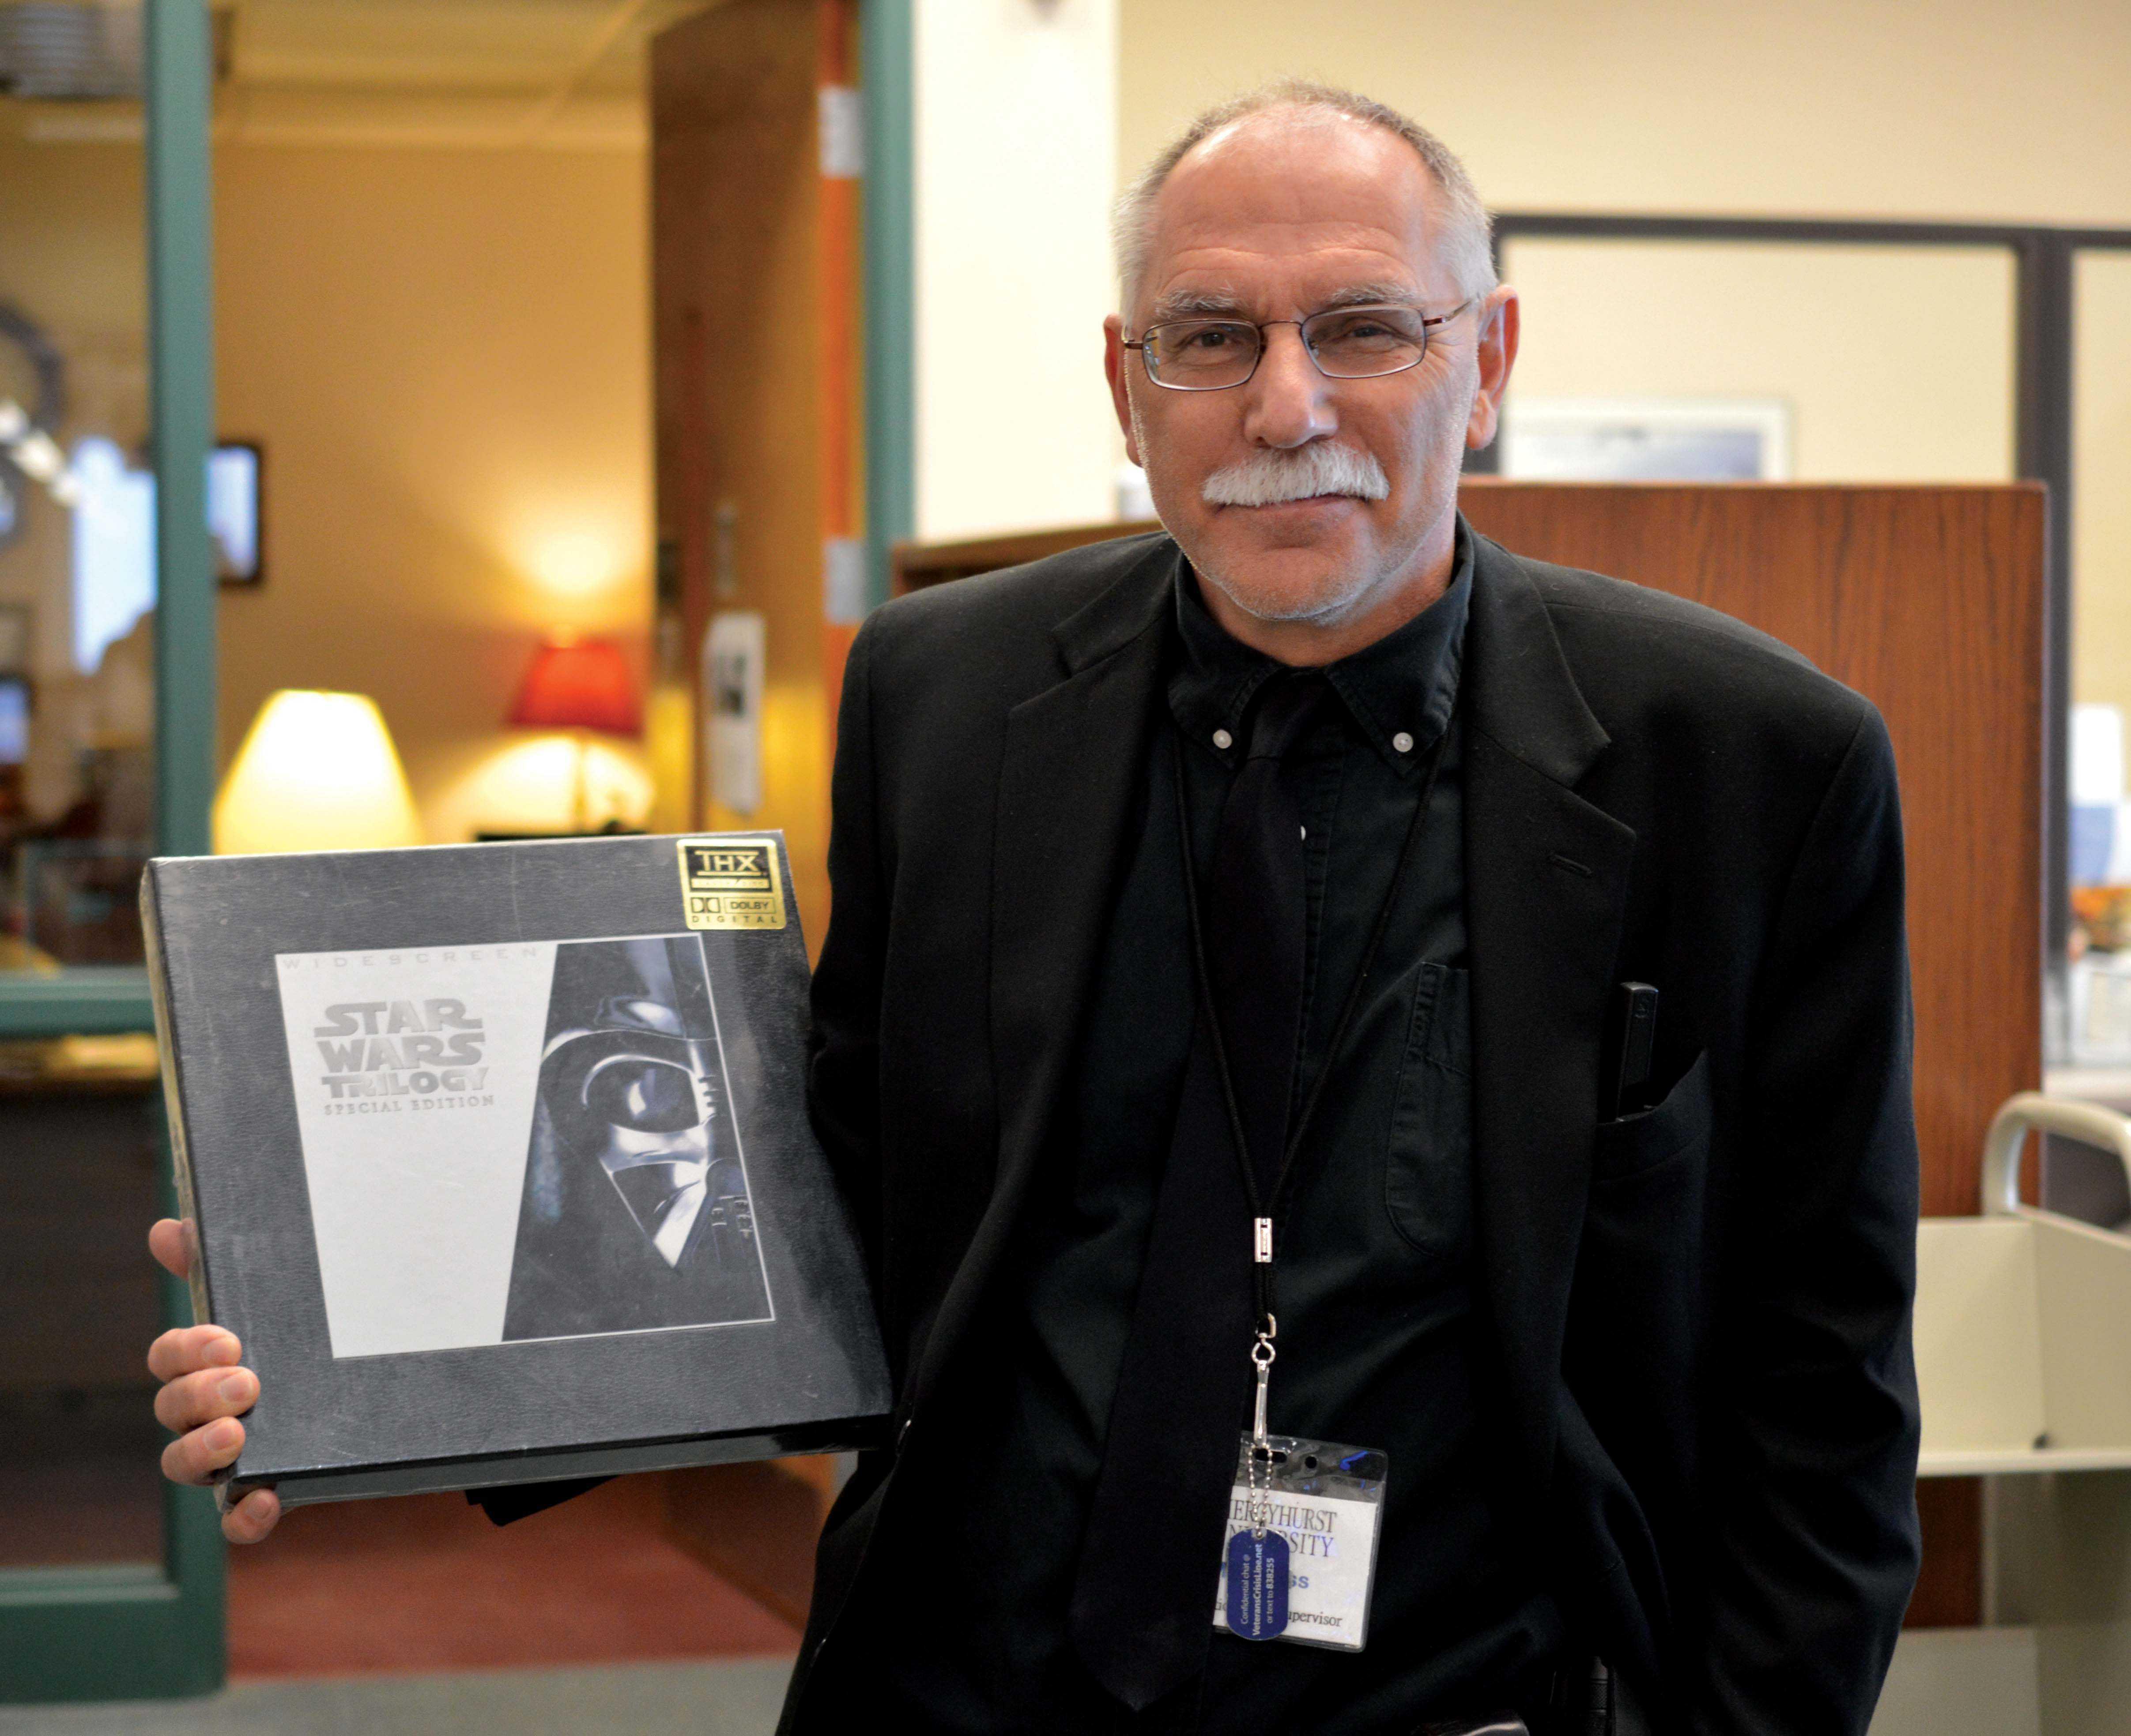 Librarian Joseph Kloss holds the Star Wars Laserdisc.